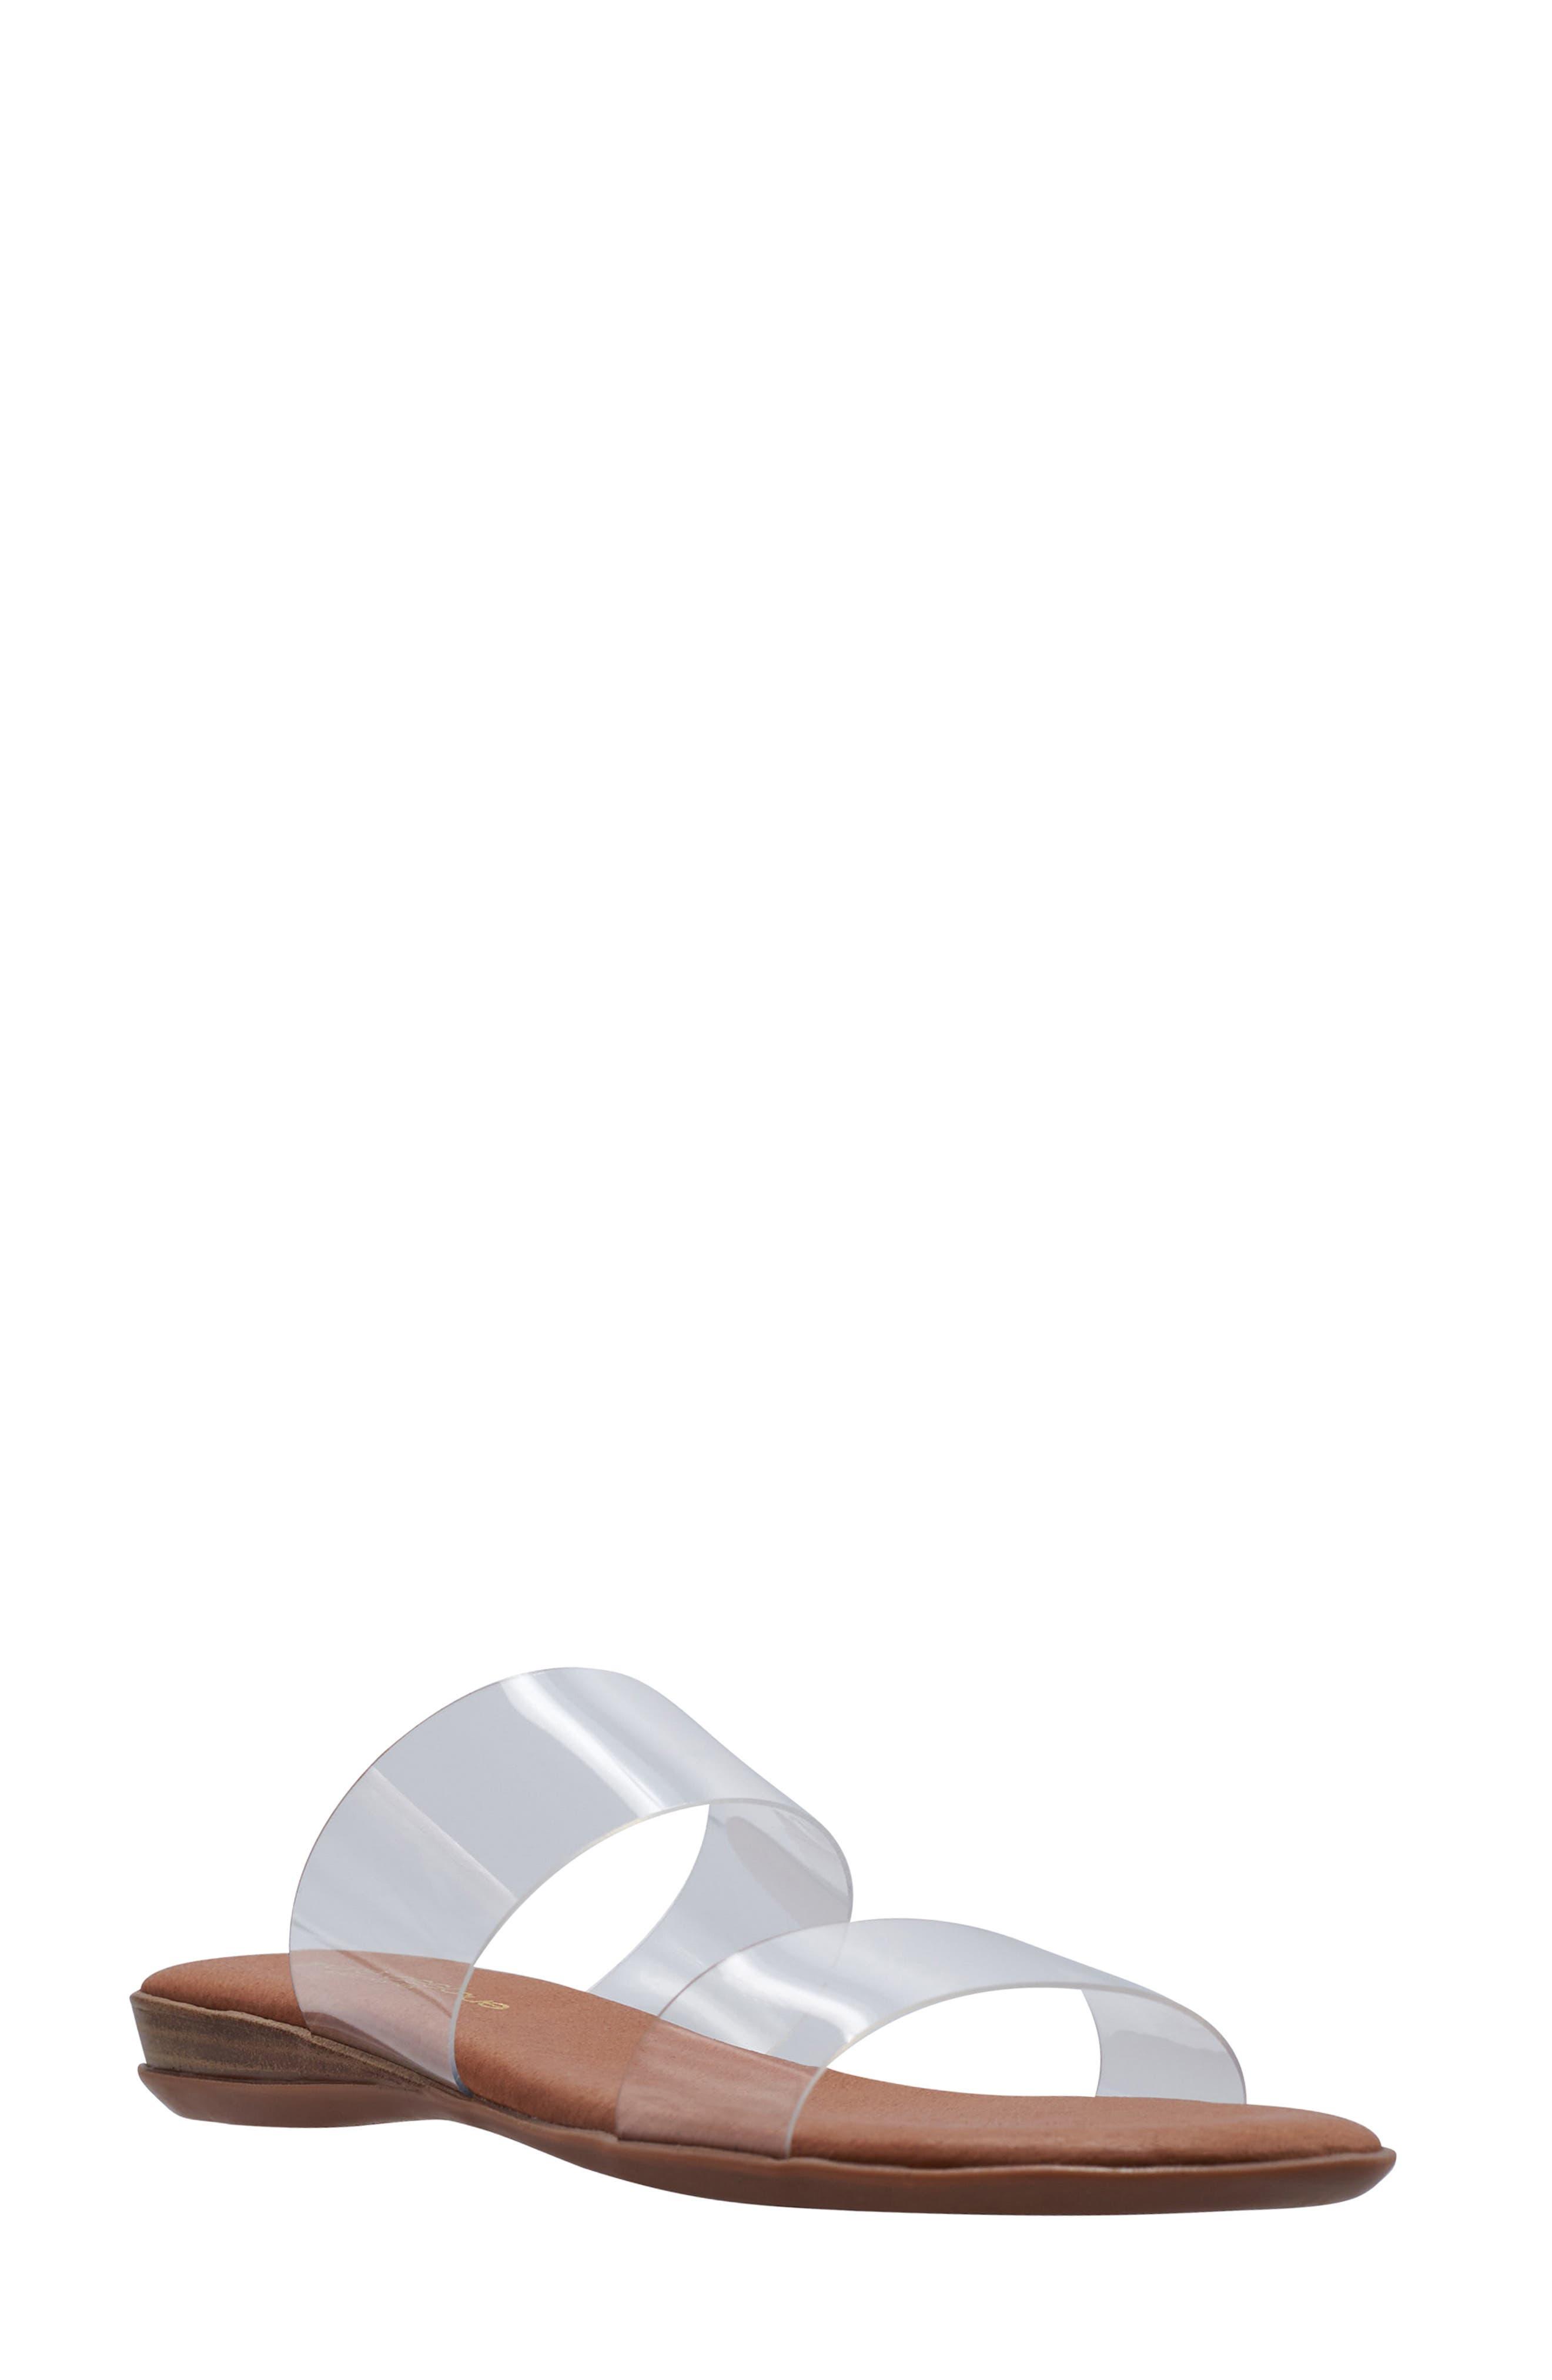 Narice Clear Slide Sandal